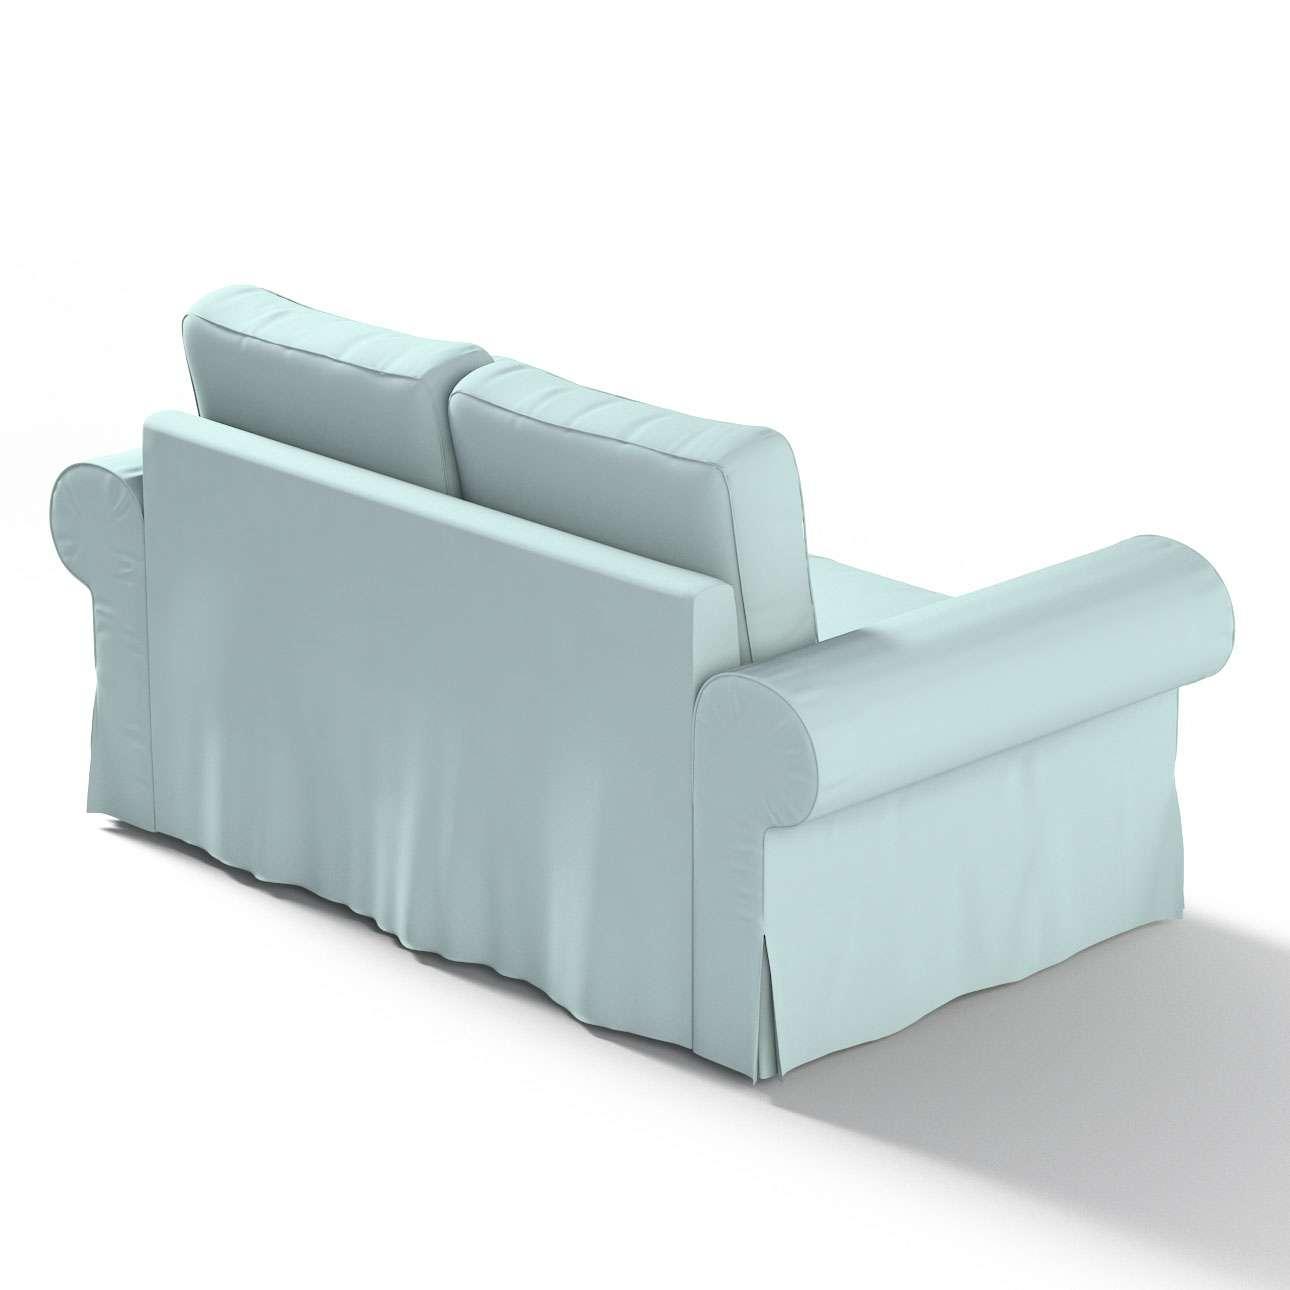 Bezug für Backabro 2-Sitzer Sofa ausklappbar von der Kollektion Cotton Panama, Stoff: 702-10